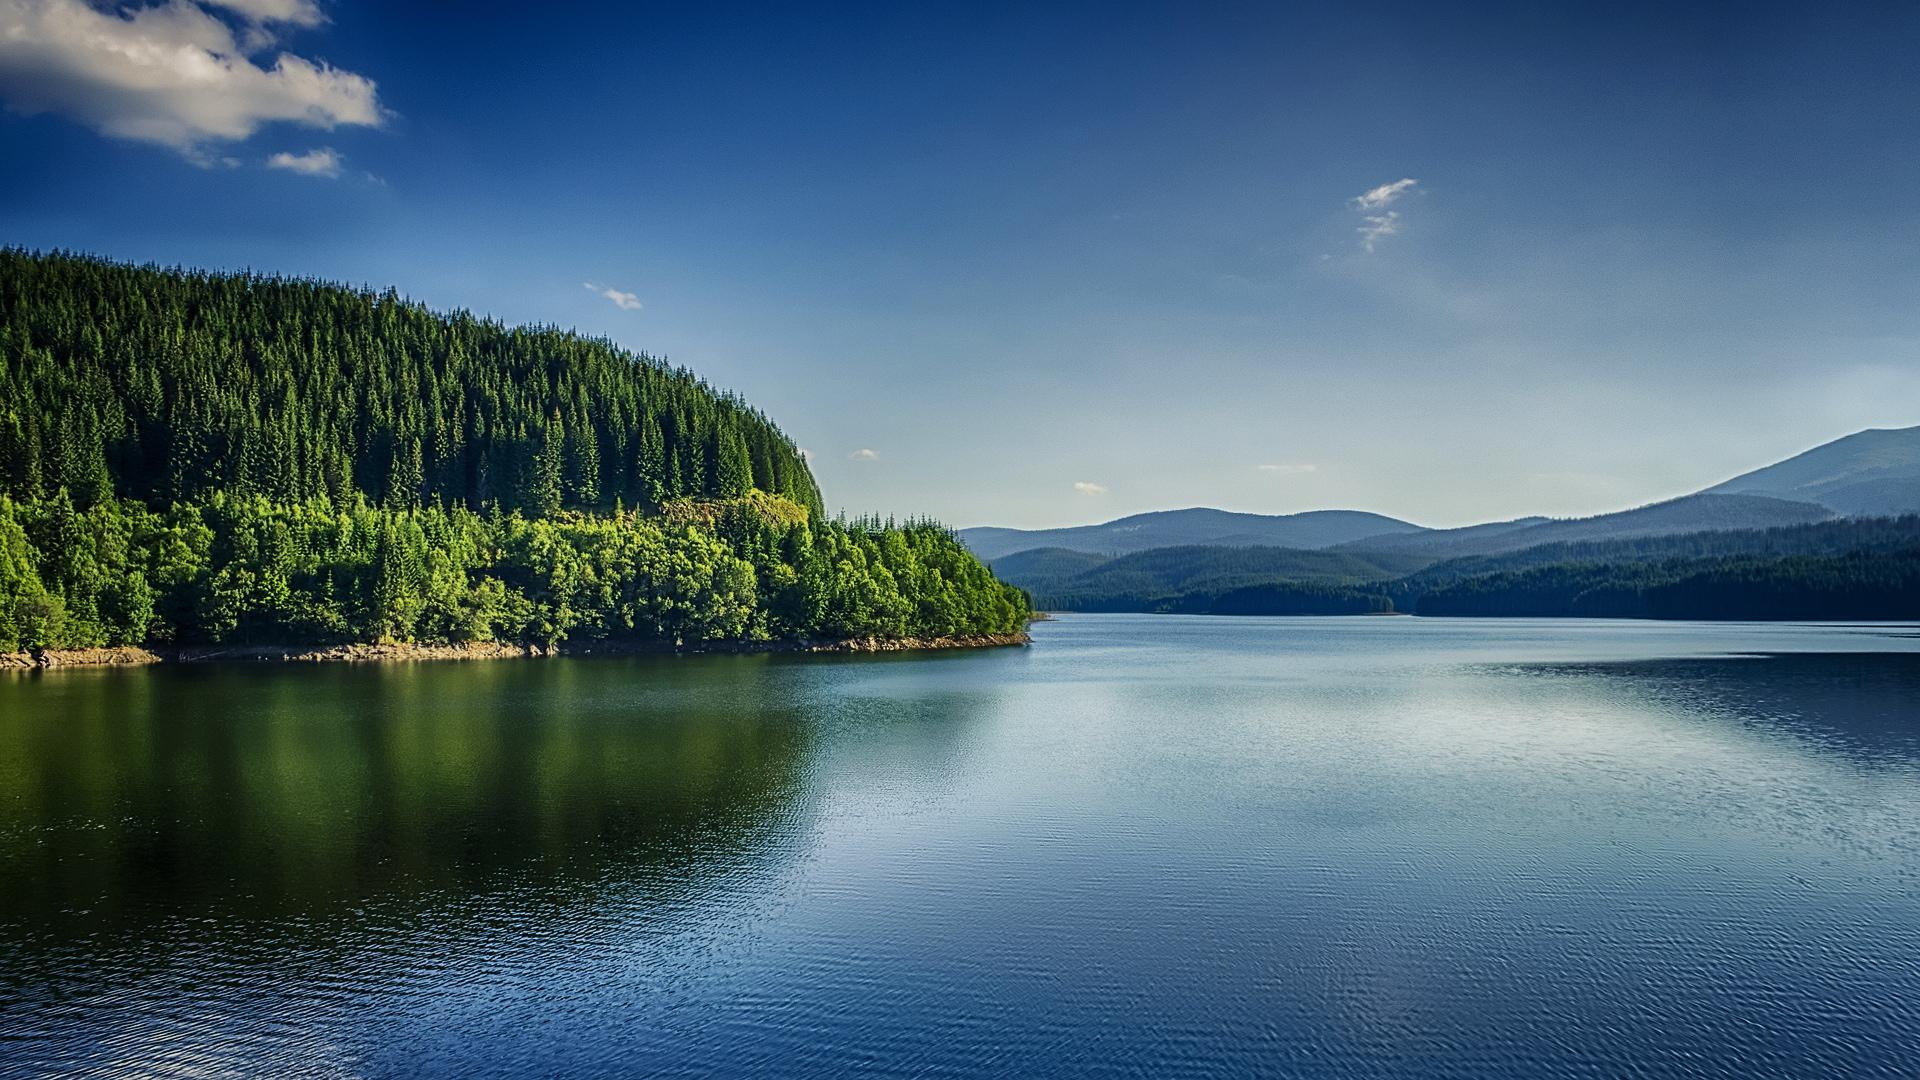 自然山水形成风景图片